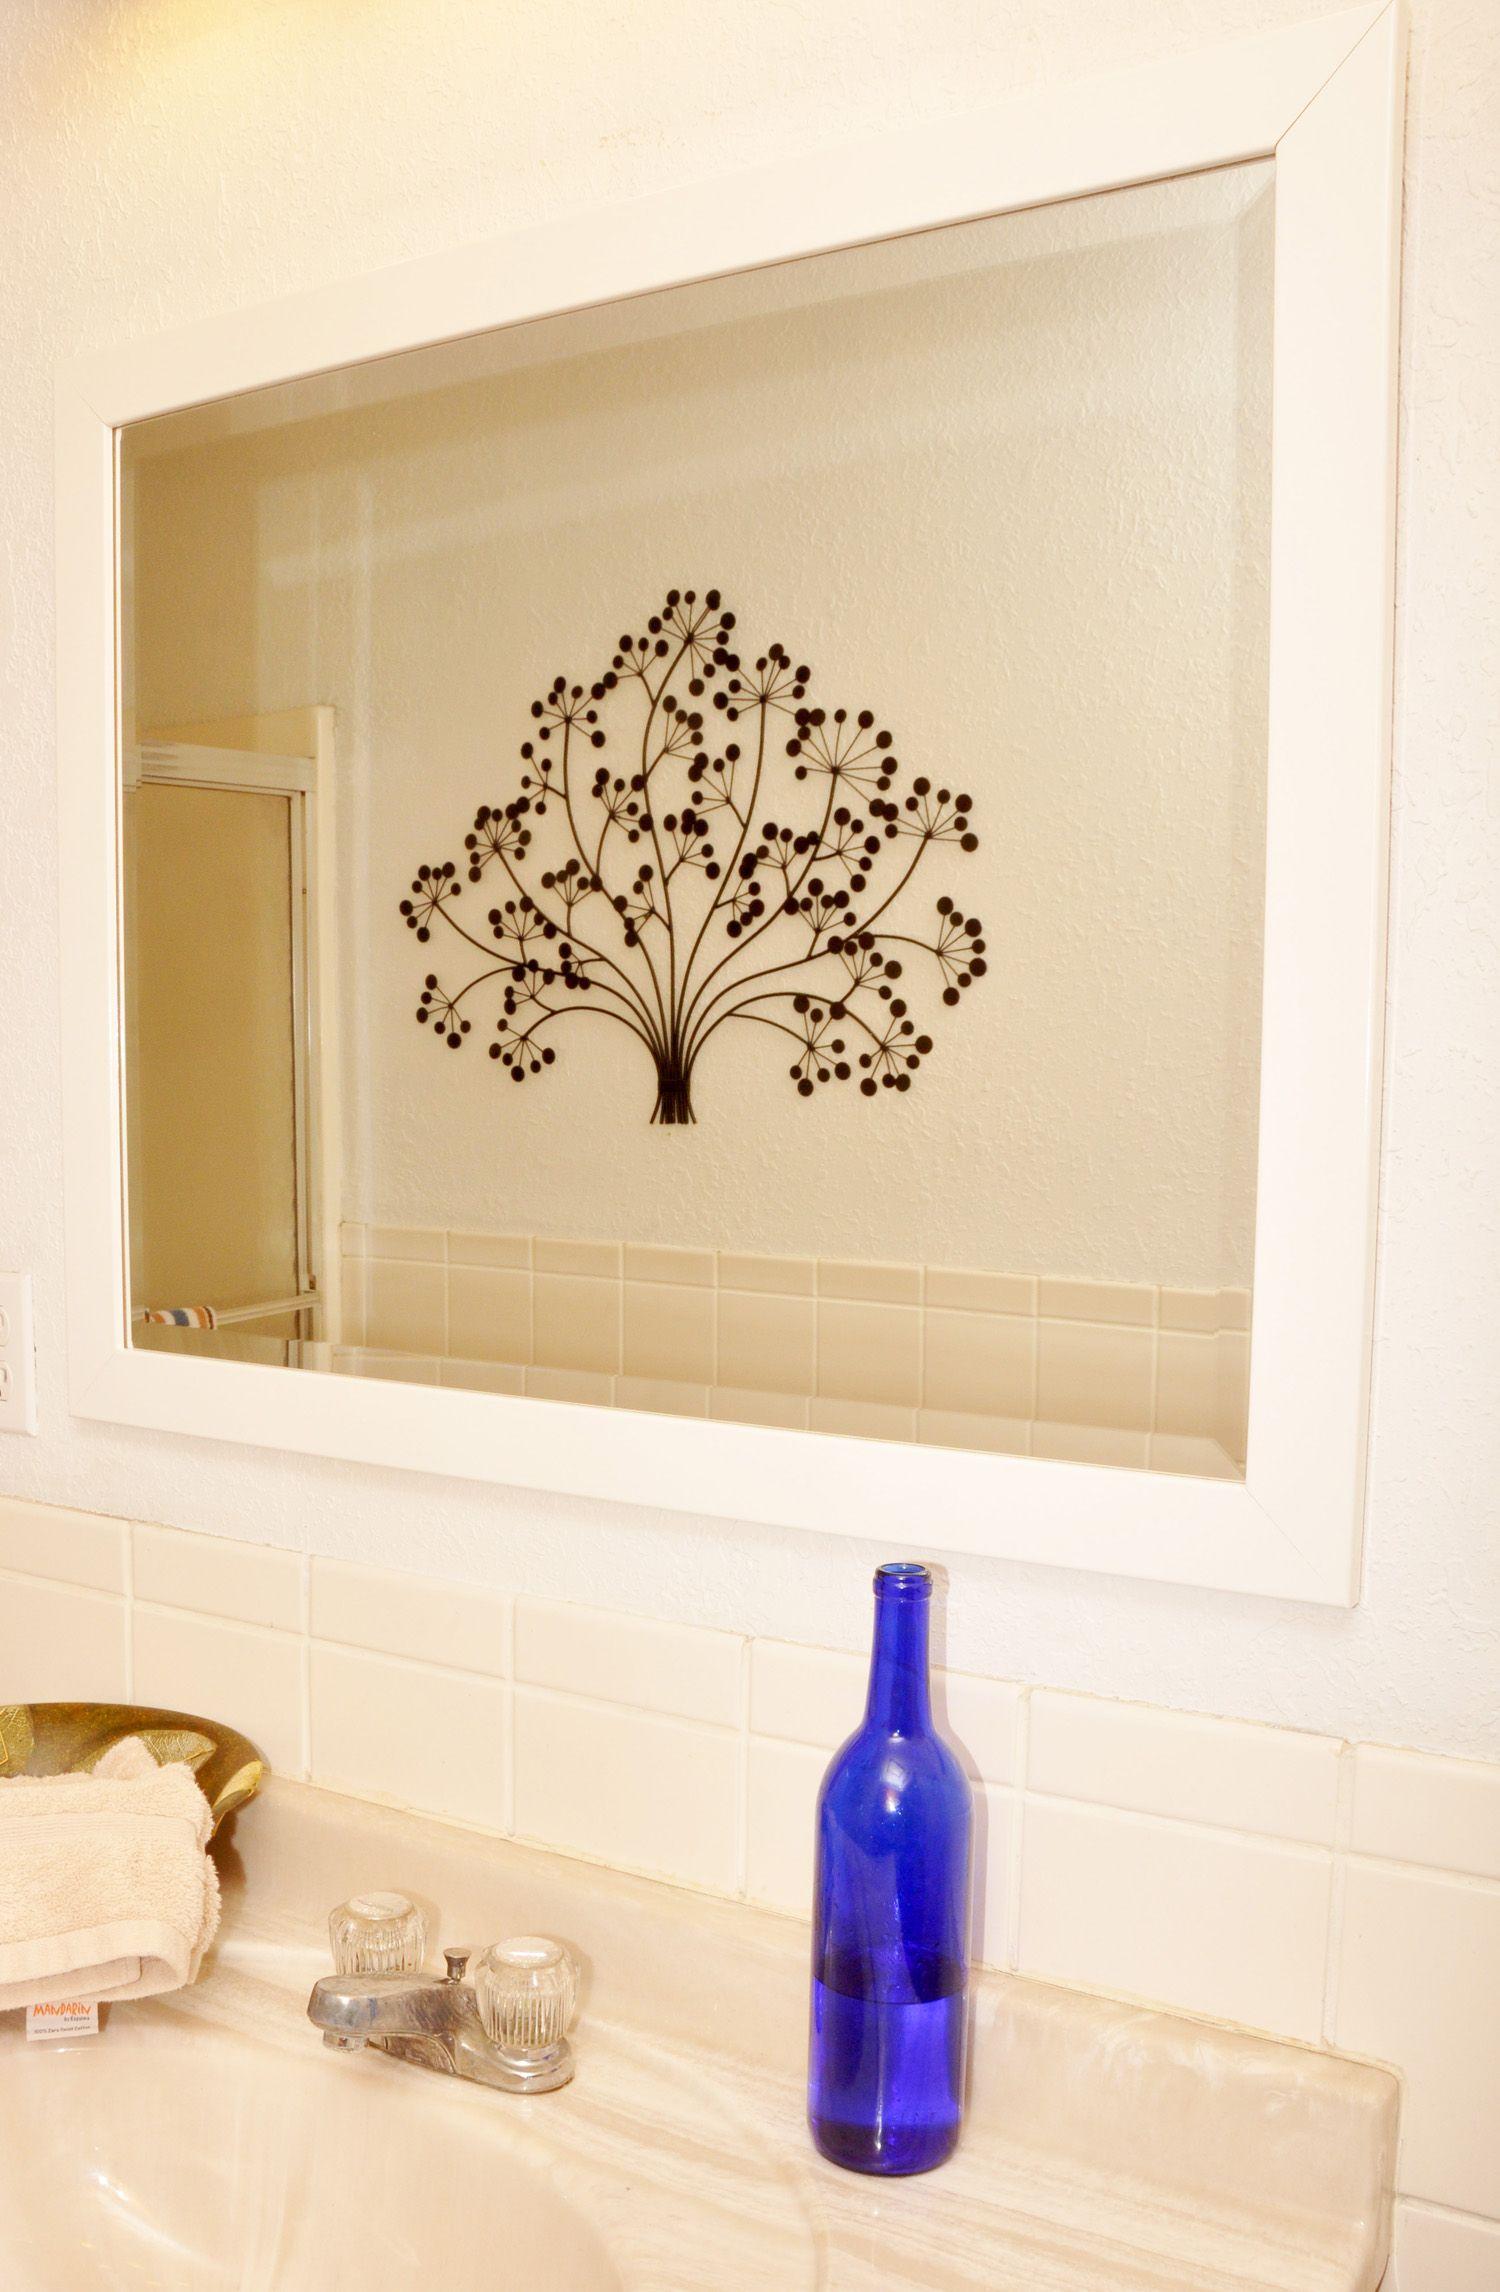 Amazing Wayfair Decorative Wall Mirrors Pattern - Wall Art ...